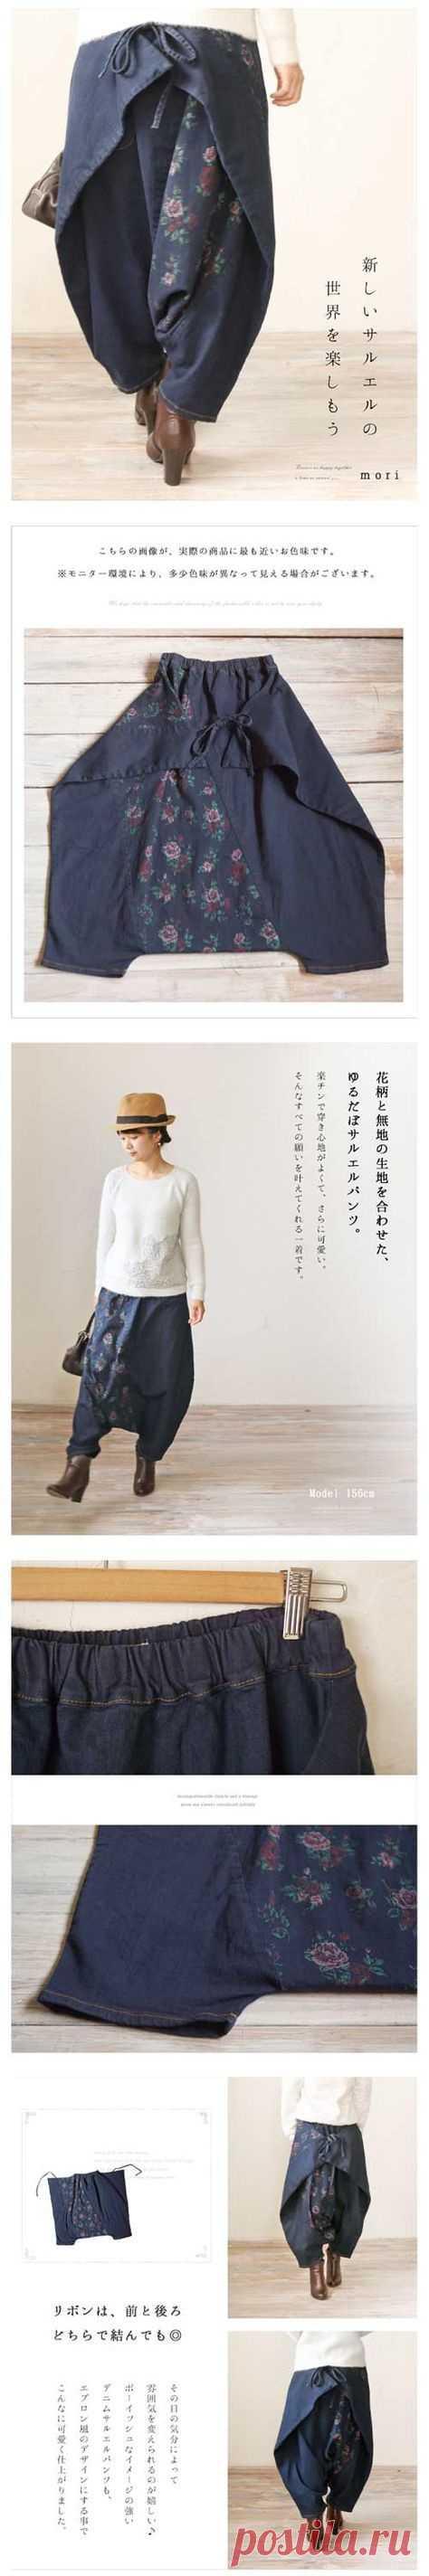 Los pantalones-borbotones la ropa A la moda y el diseño del interior por las manos